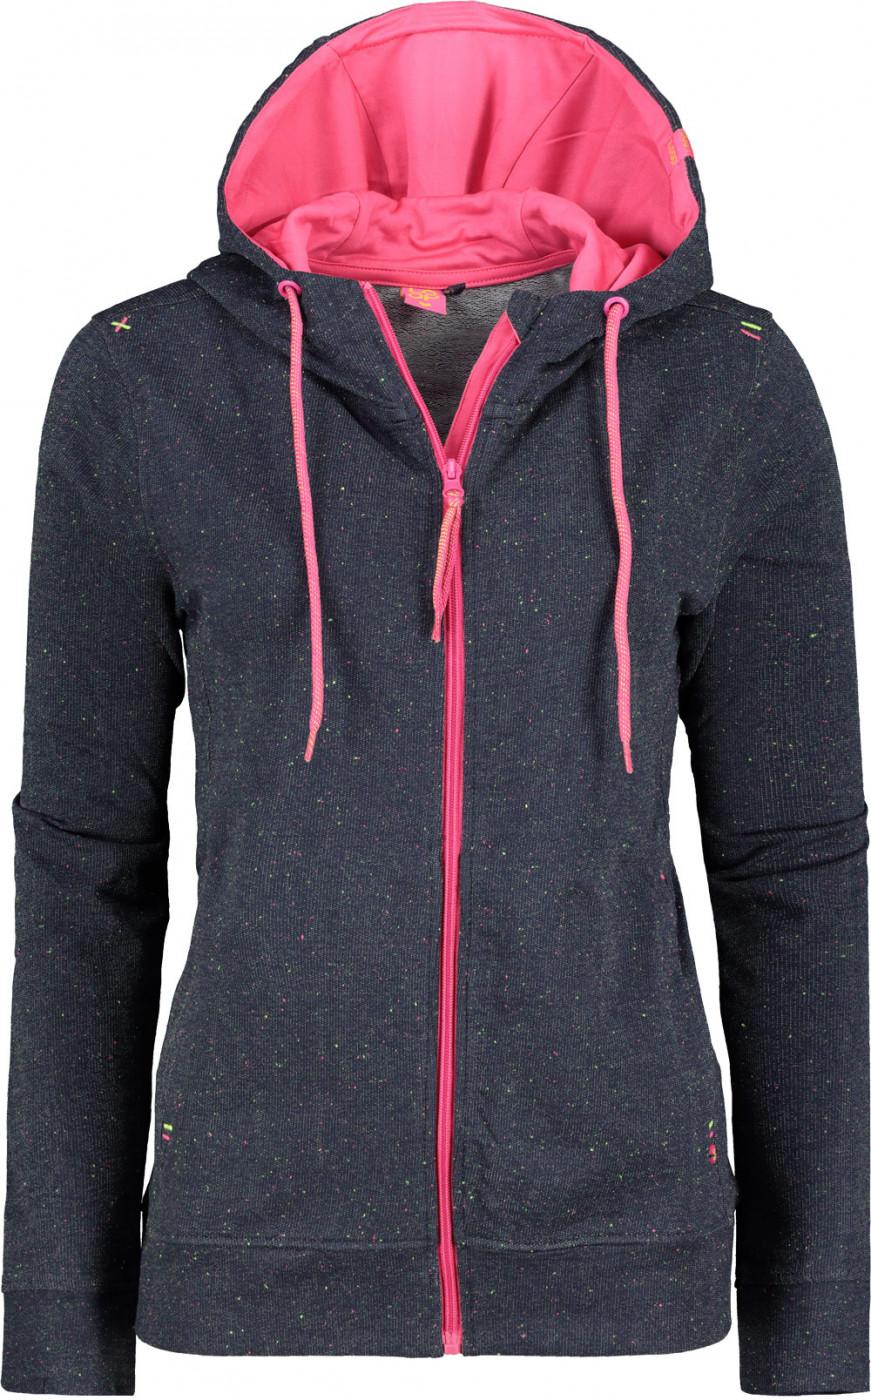 Women's hoodie LOAP EBBY